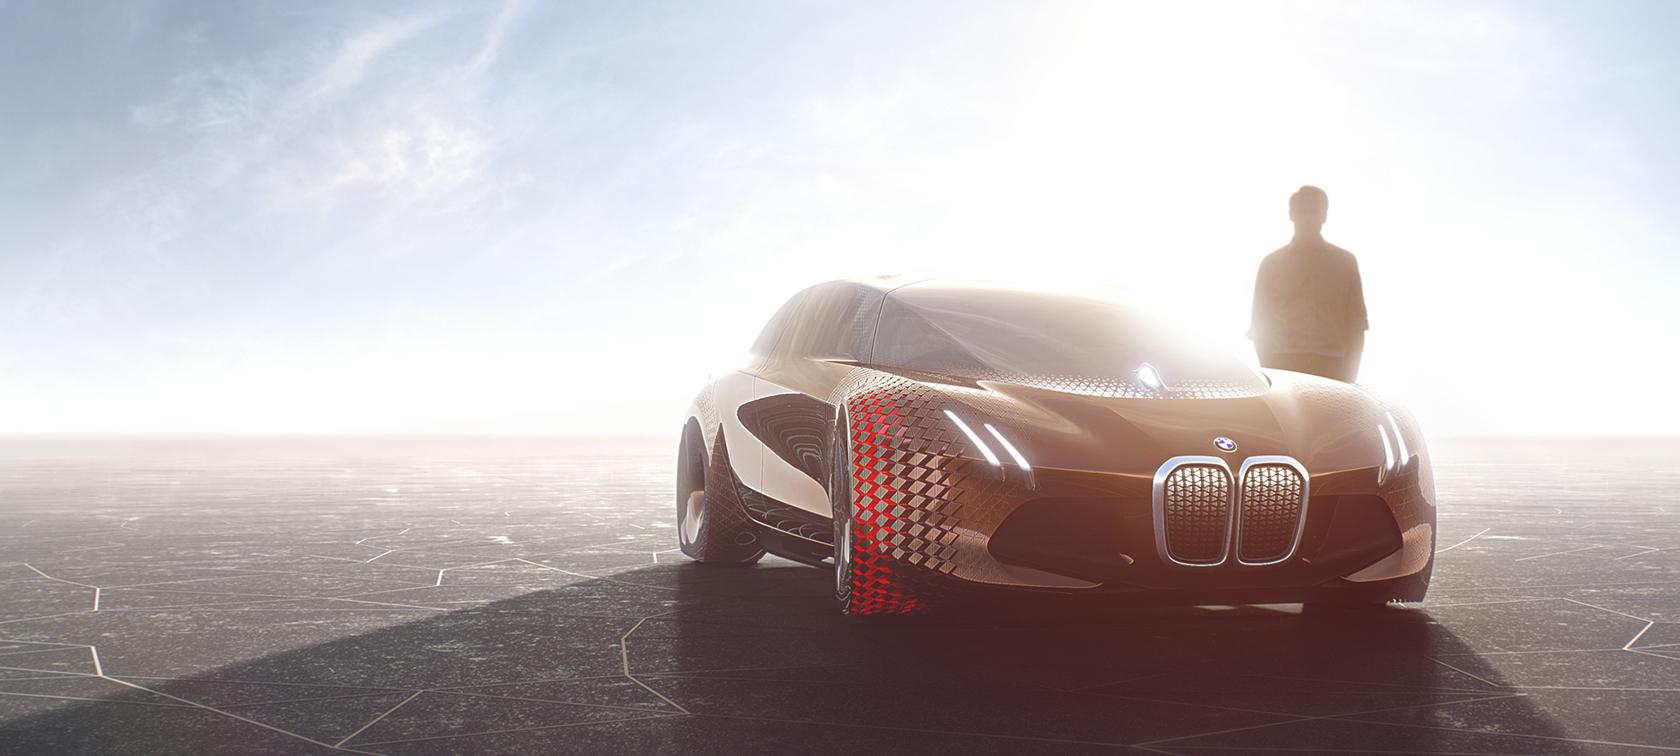 El futurista coche autónomo de BMW llegará en 2021